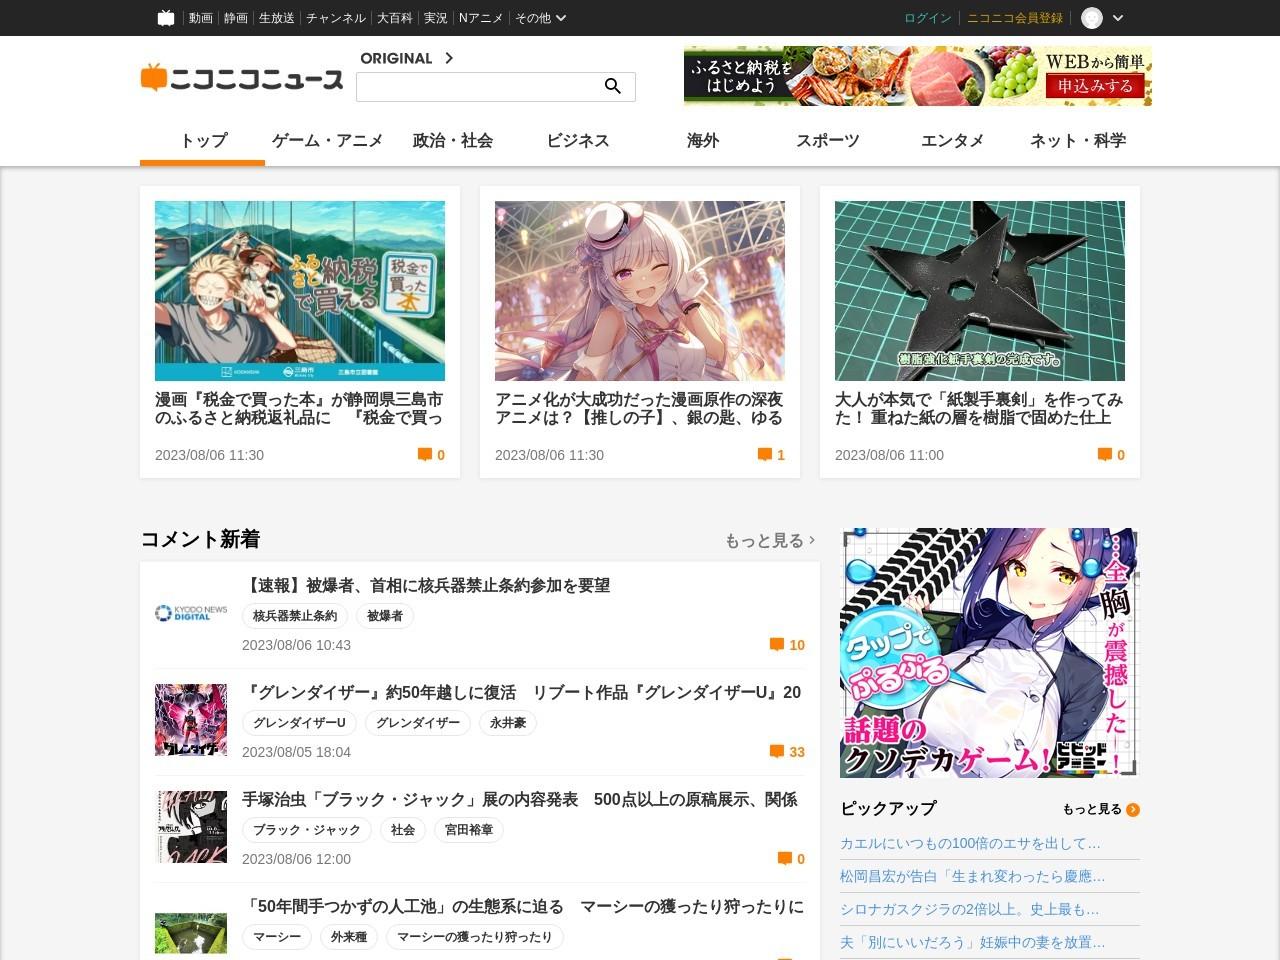 結婚式場の口コミ情報サイト〈 みんなのウェディング〉でThe Place of TOKYOが結婚式場ランキング 2 …